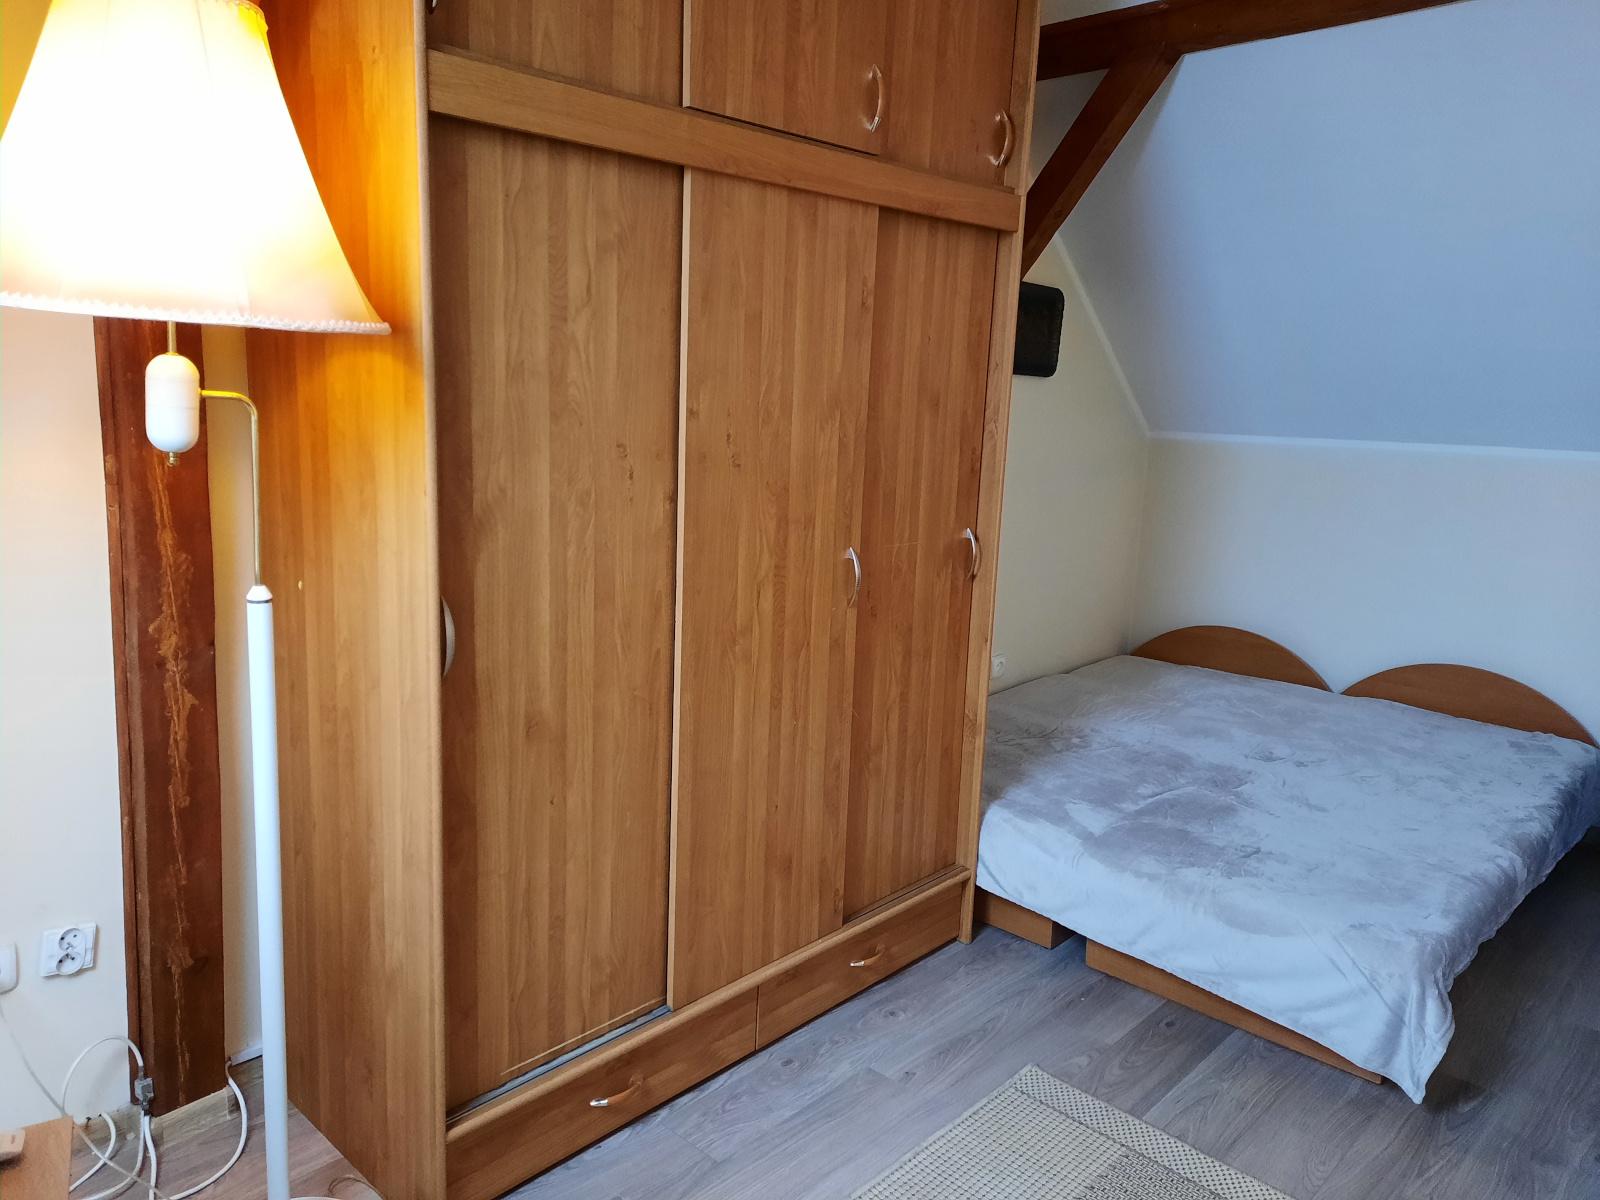 studio 2 - pokój